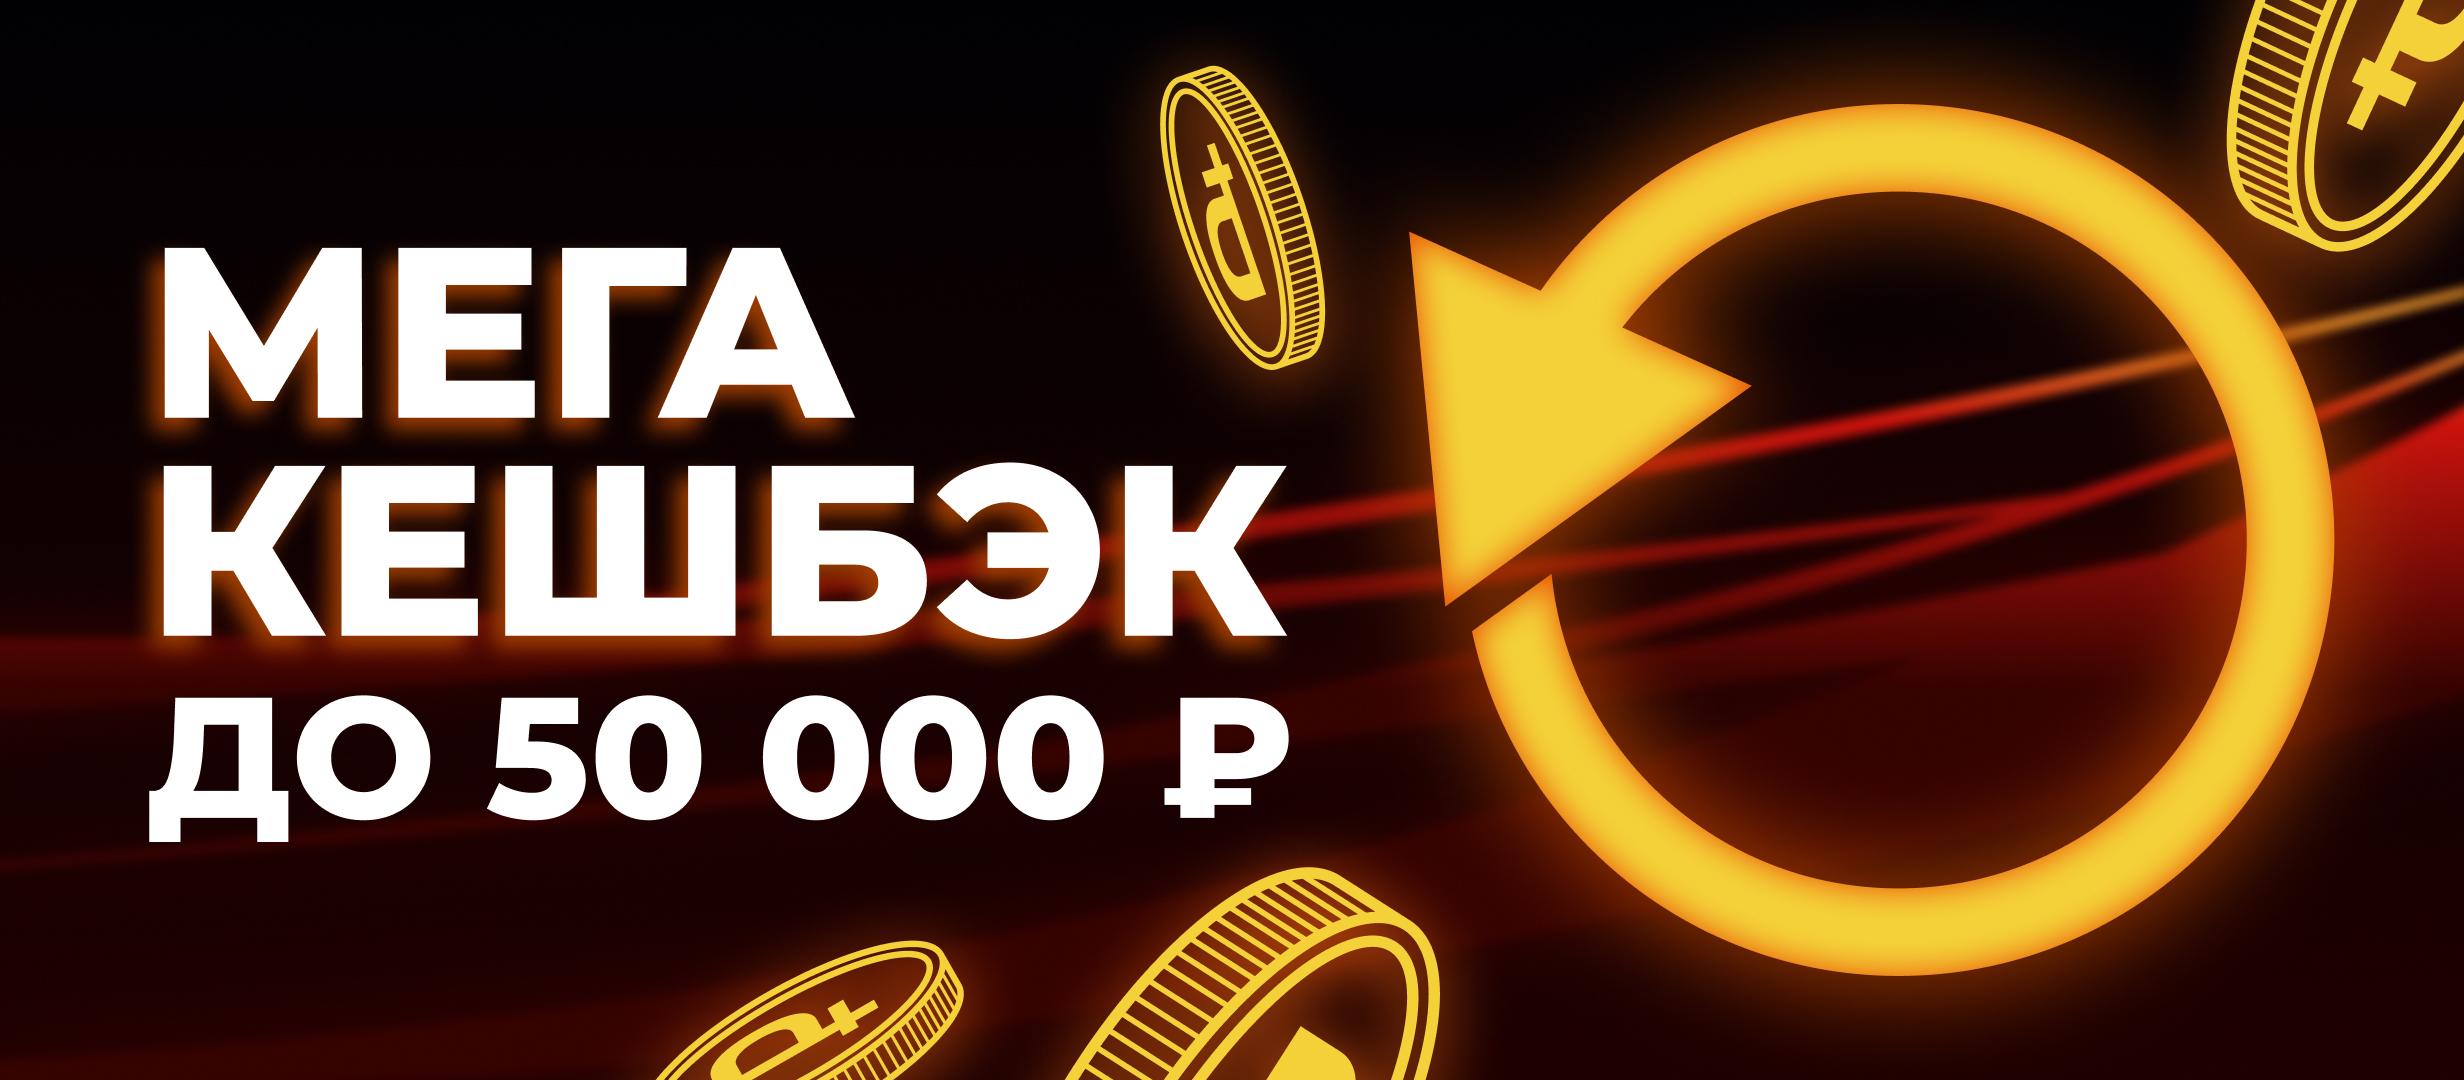 Фрибет от 888 50000 ₽.